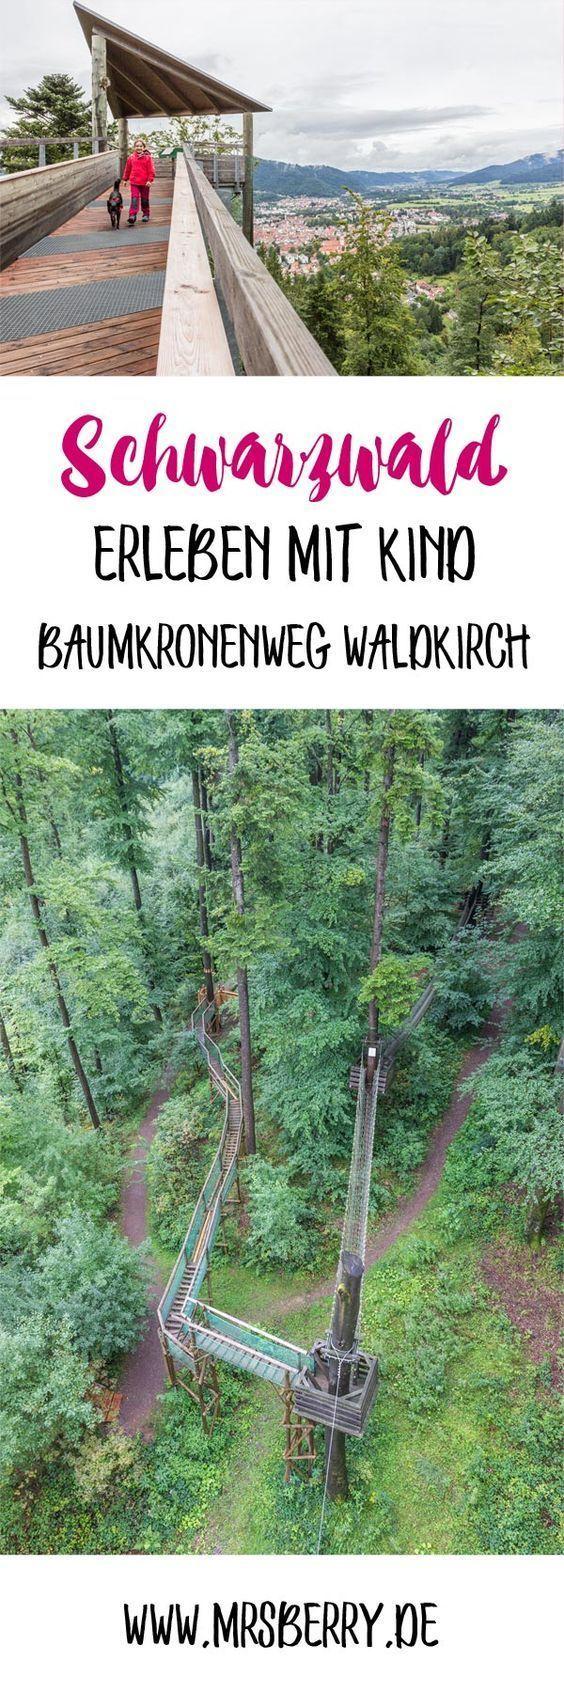 Schwarzwald urlaub single mit kind